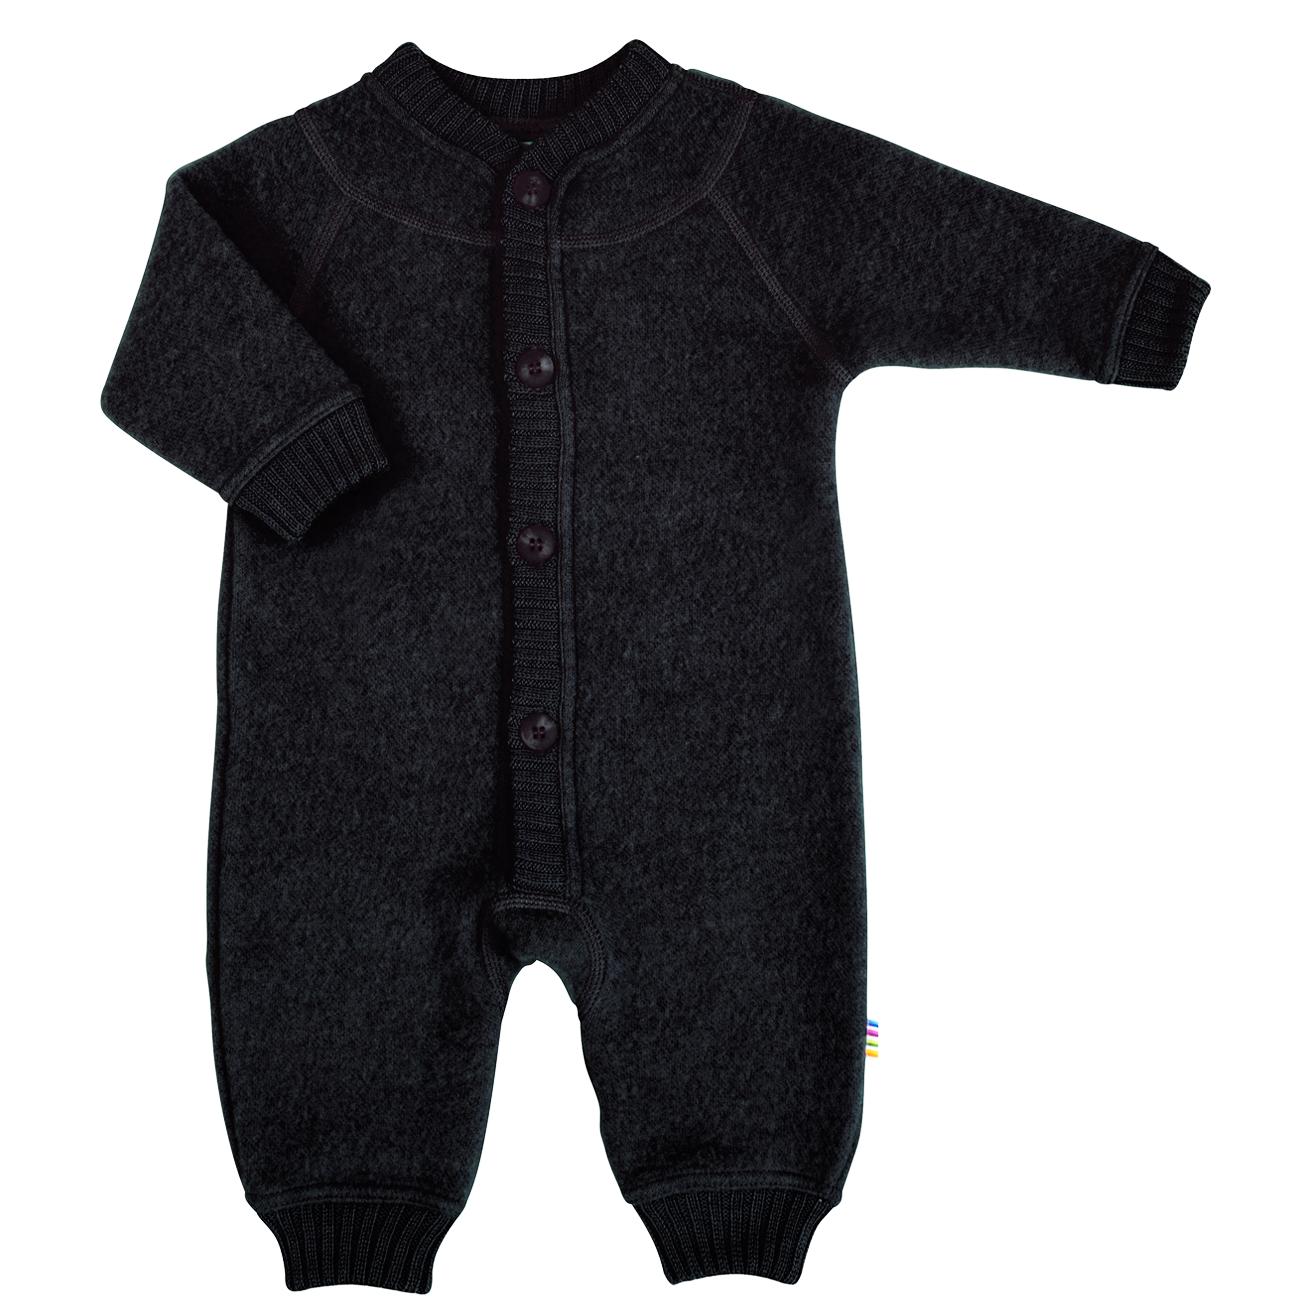 a72d8ea498b Joha baby - Find nattøj, heldragter og solhatte fra Joha - Luksusbaby